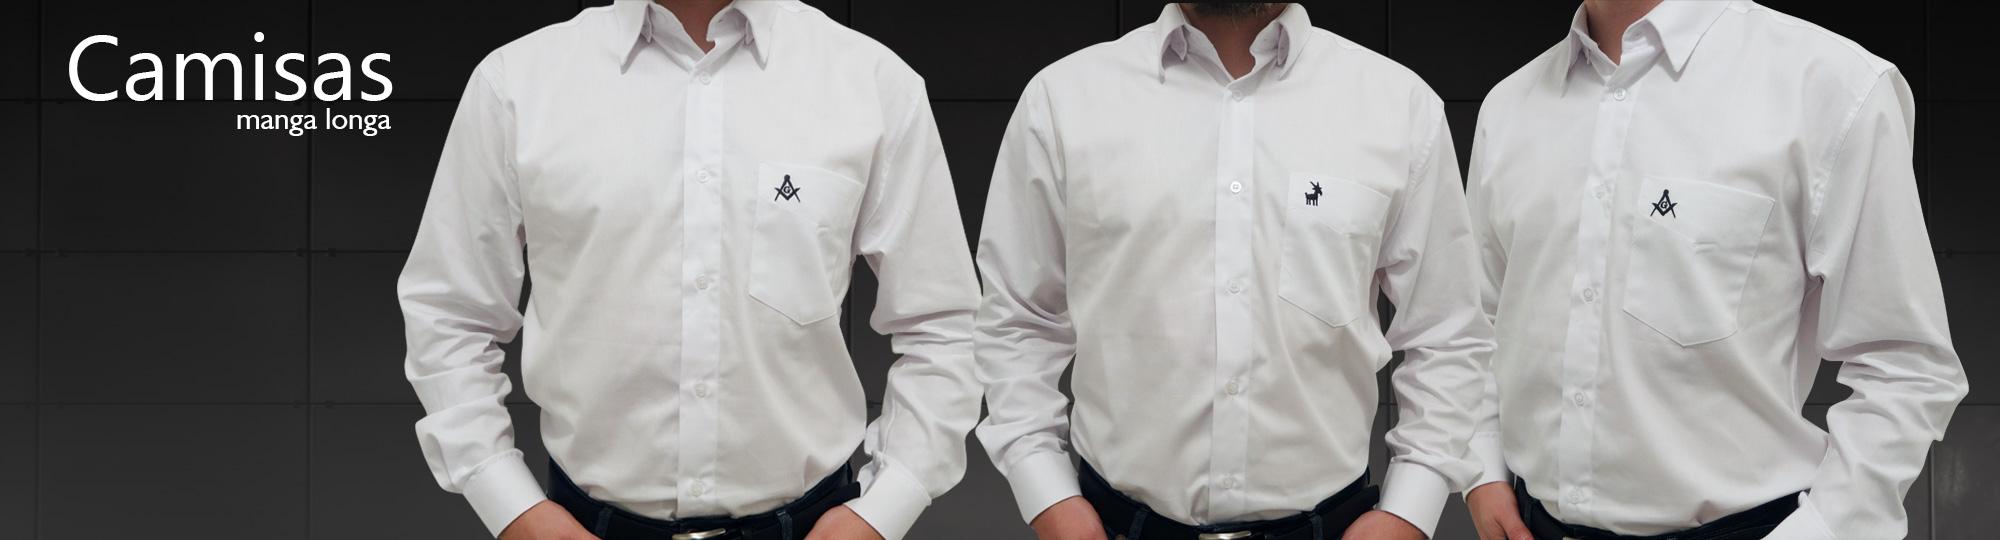 camisetas30off